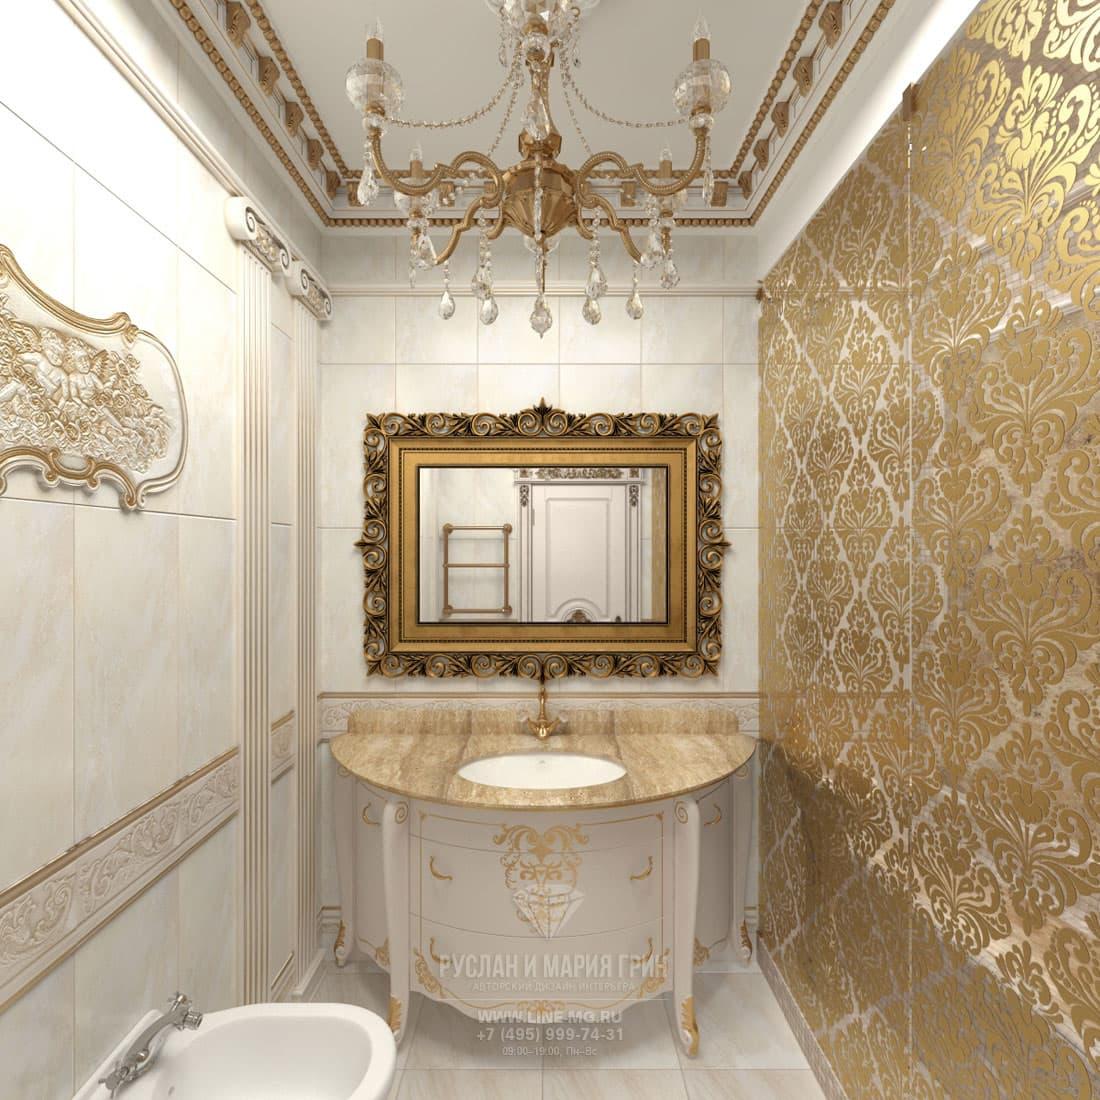 Интерьер стильной ванной комнаты